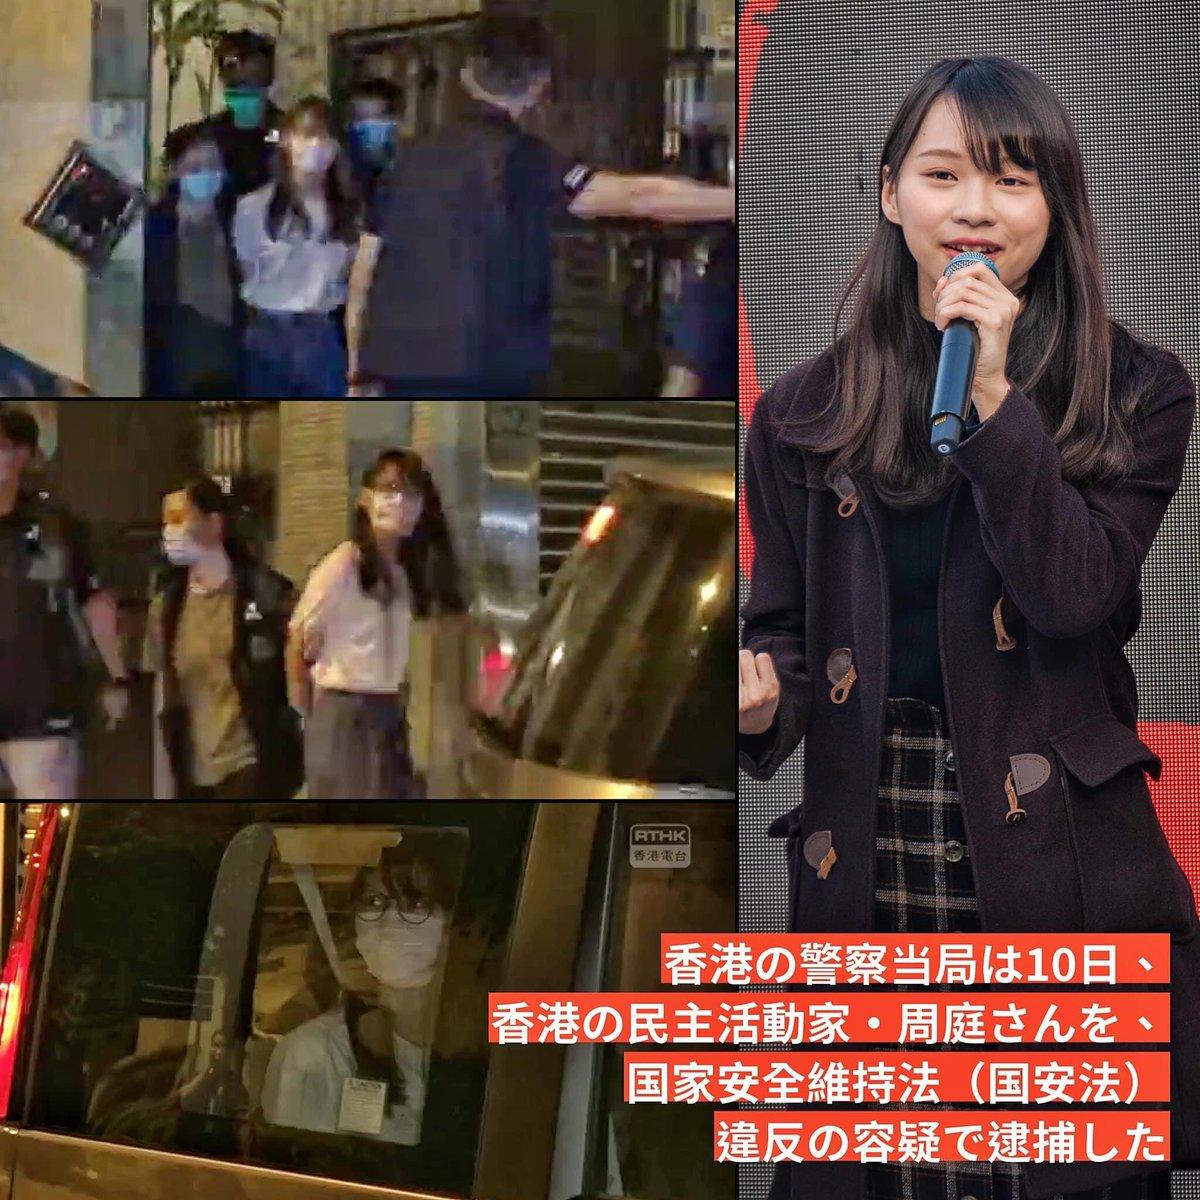 香港の女神『周庭氏』逮捕。国安法違反で「無期刑を受ける可能性」